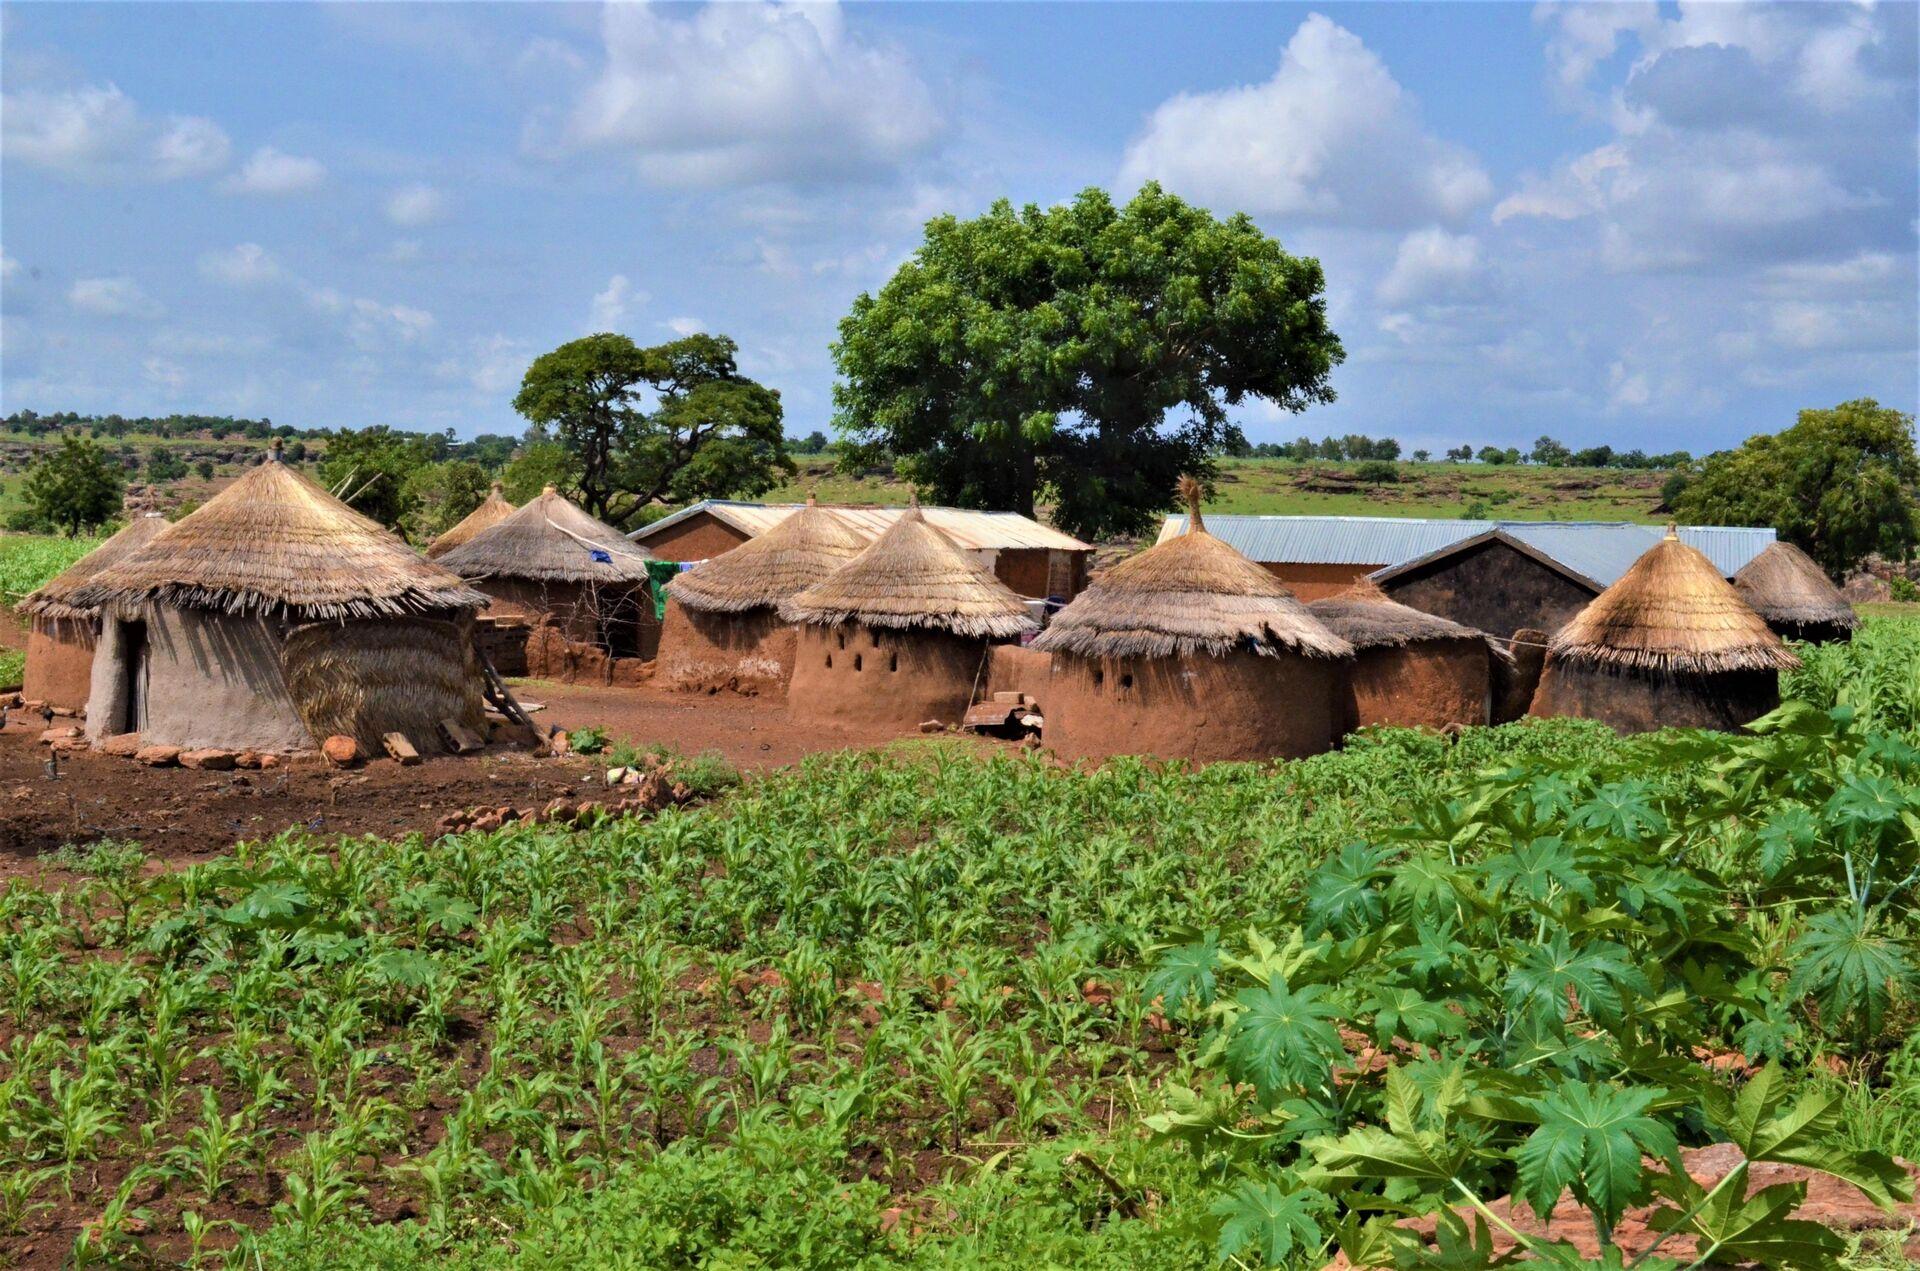 La maison du vieux Bomboma Bidjobgue entourée de petites cultures de maïs et de soja - Sputnik France, 1920, 21.09.2021